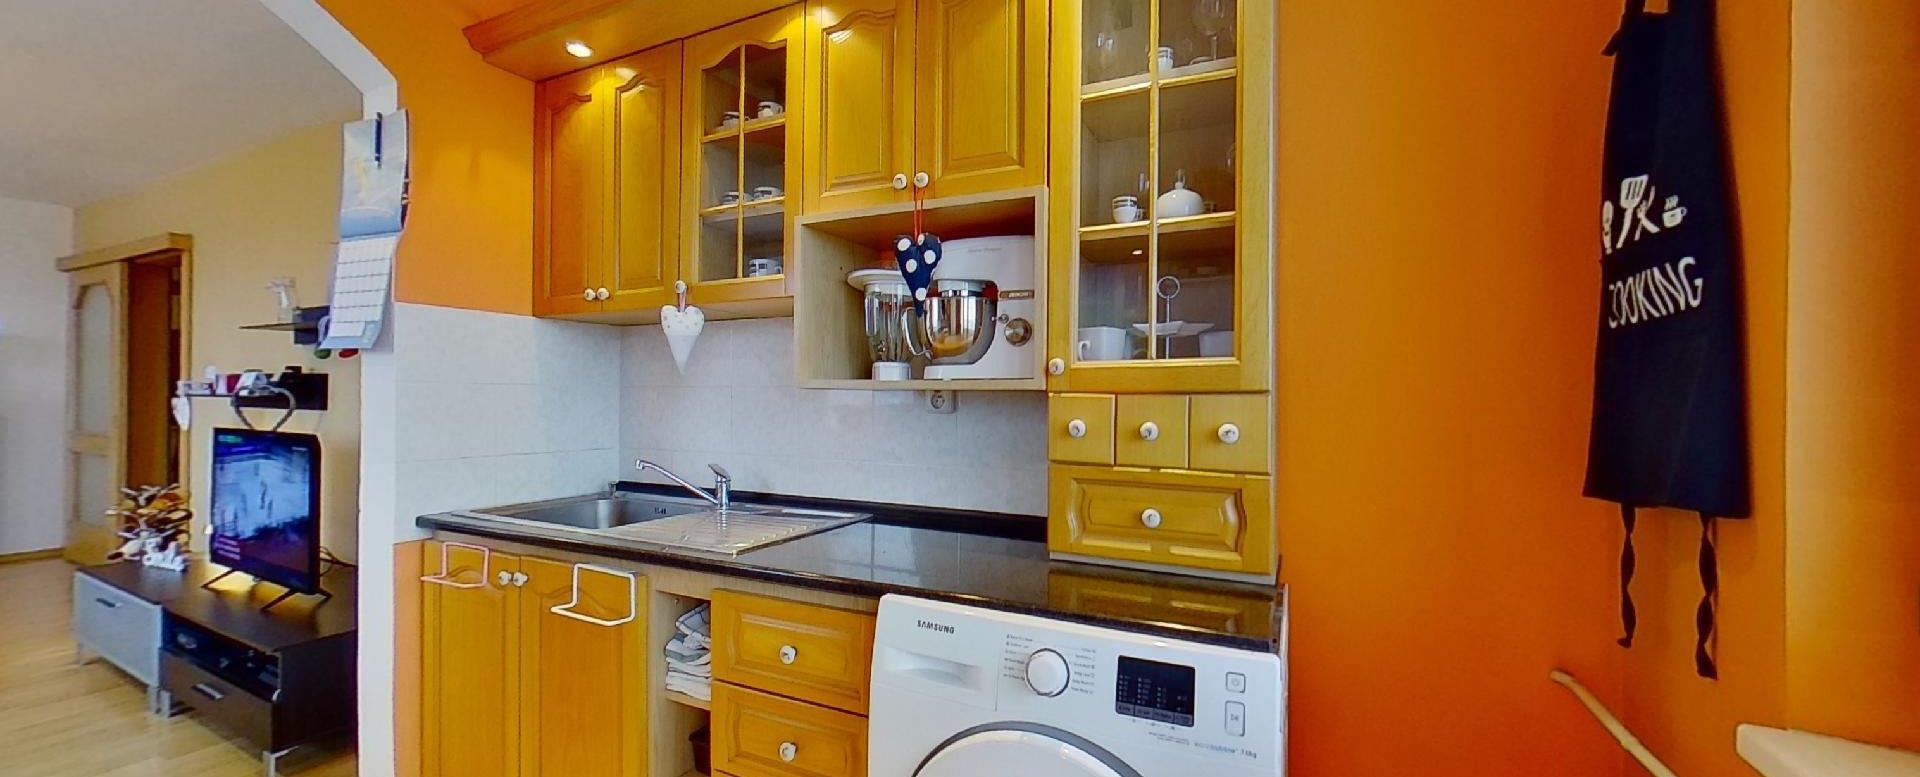 práčka v kuchynskej linke